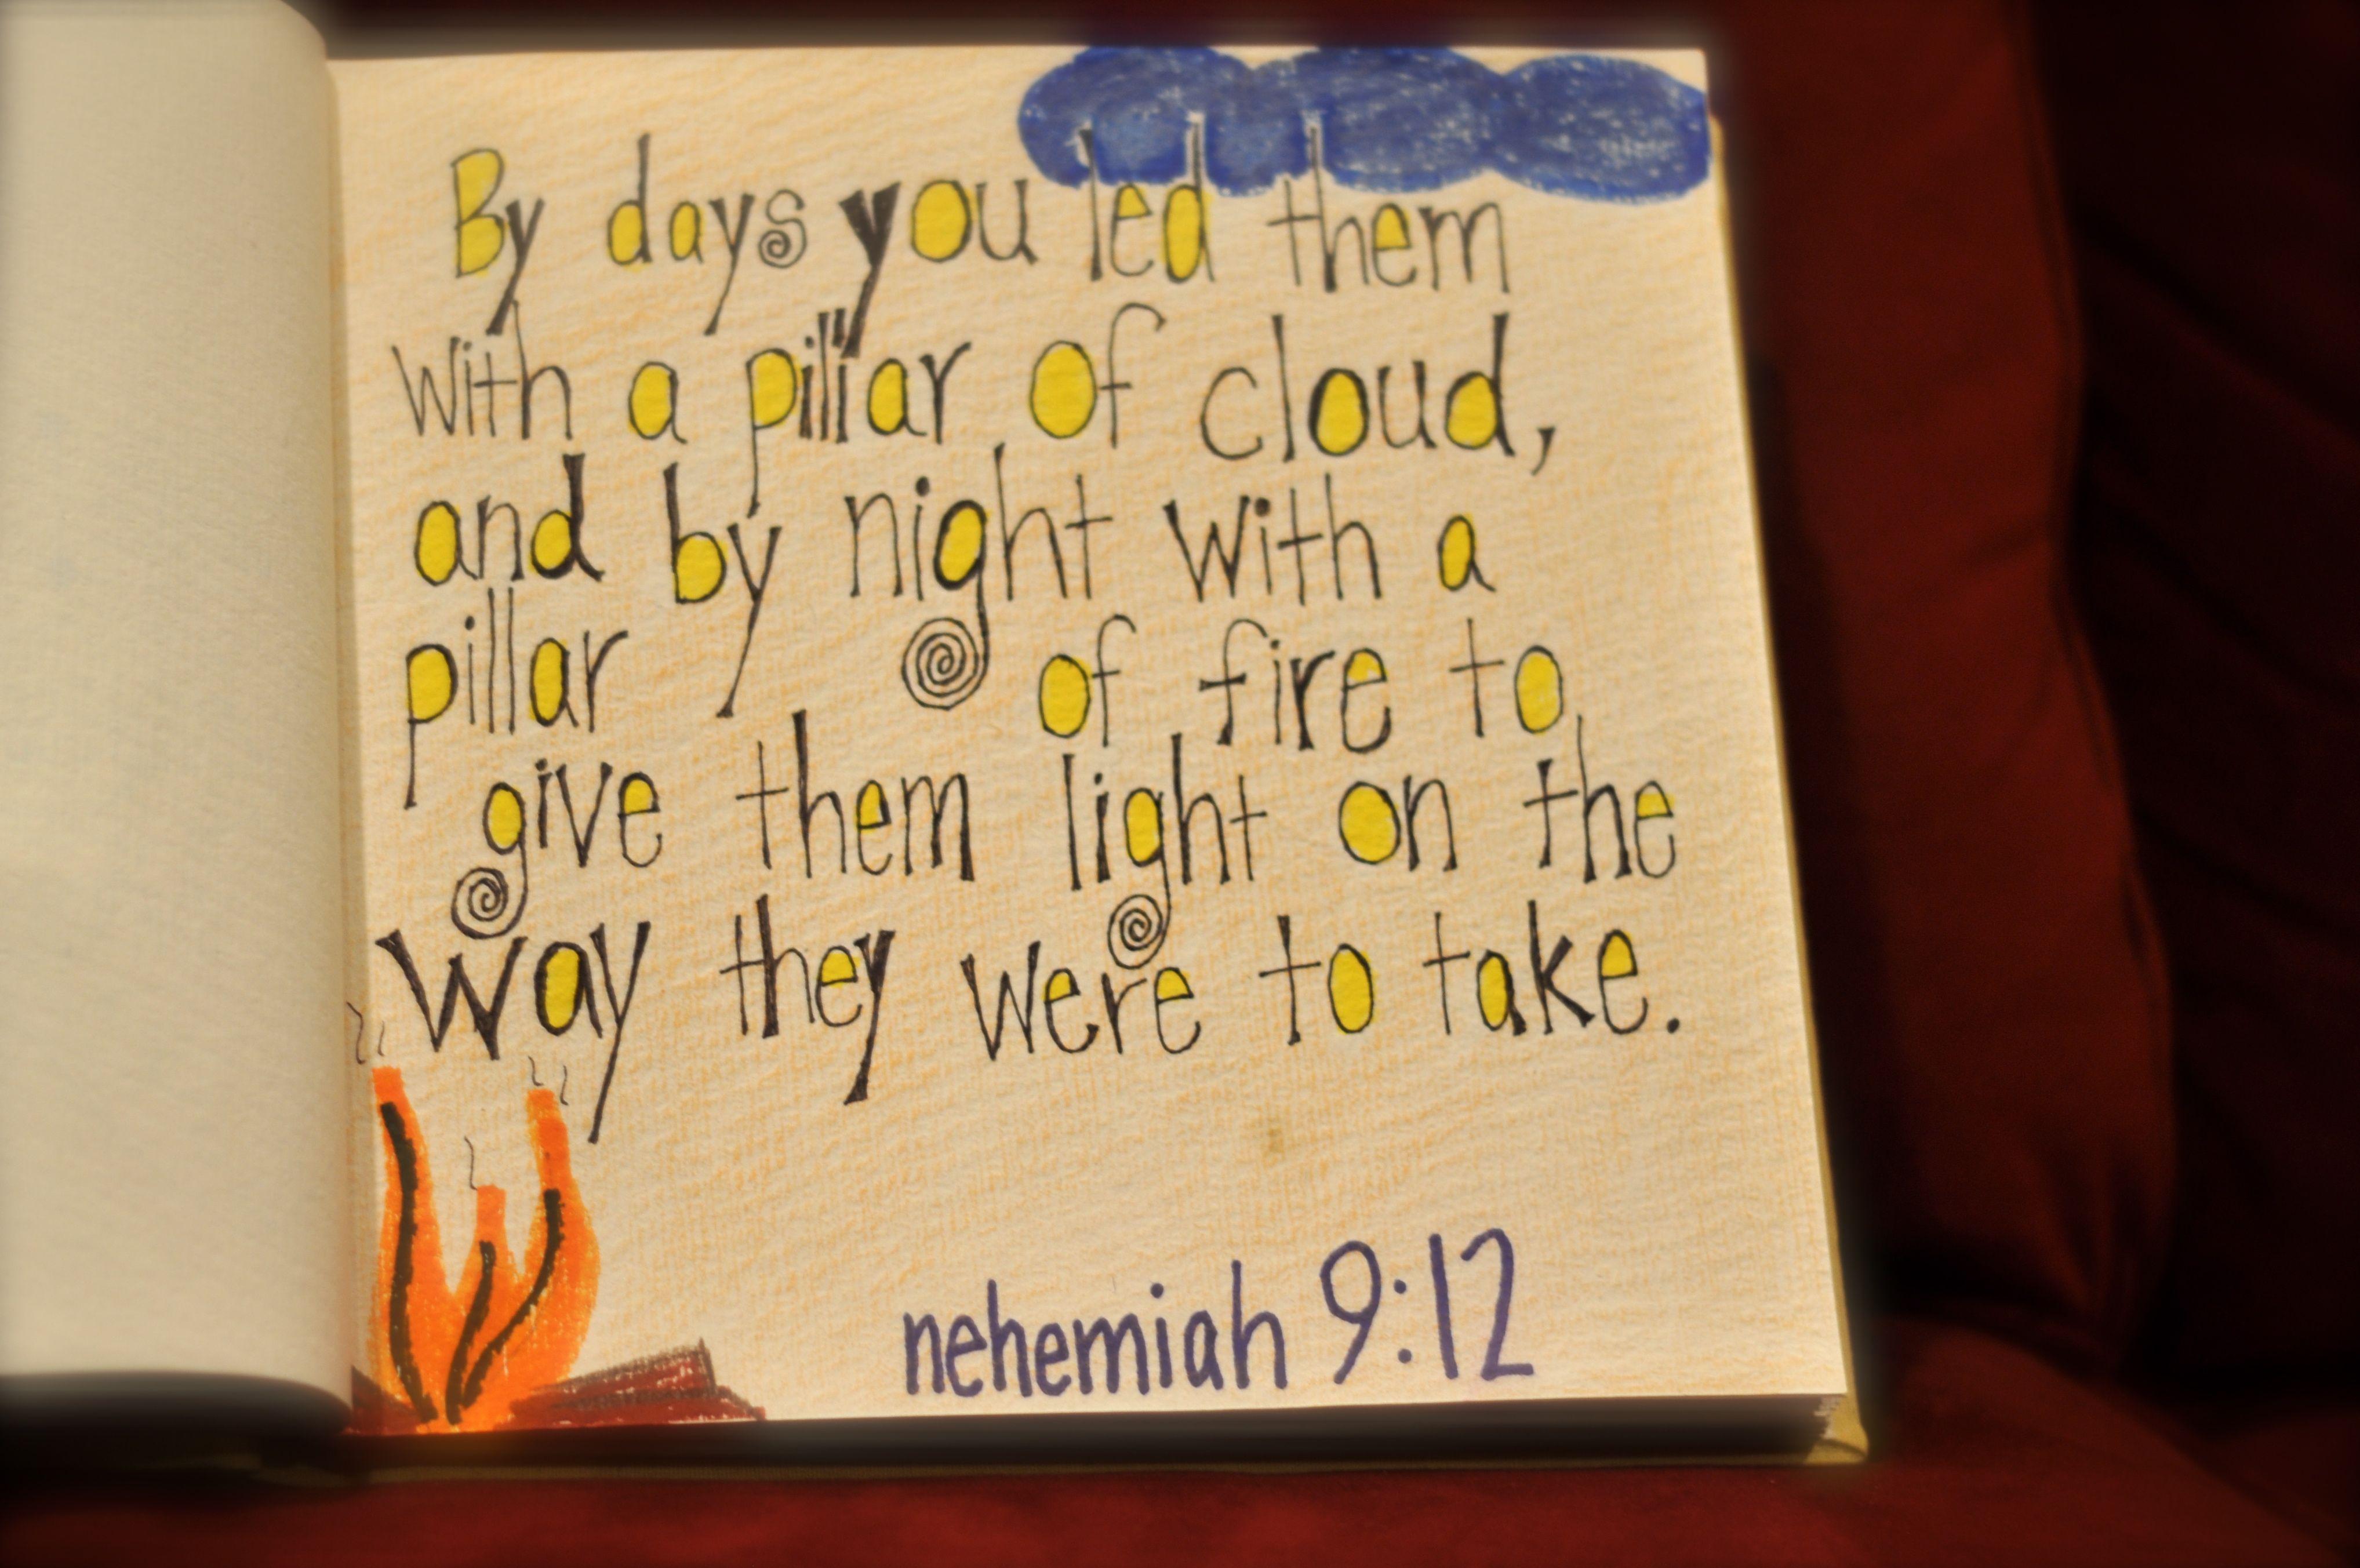 Nehemiah 9: 12